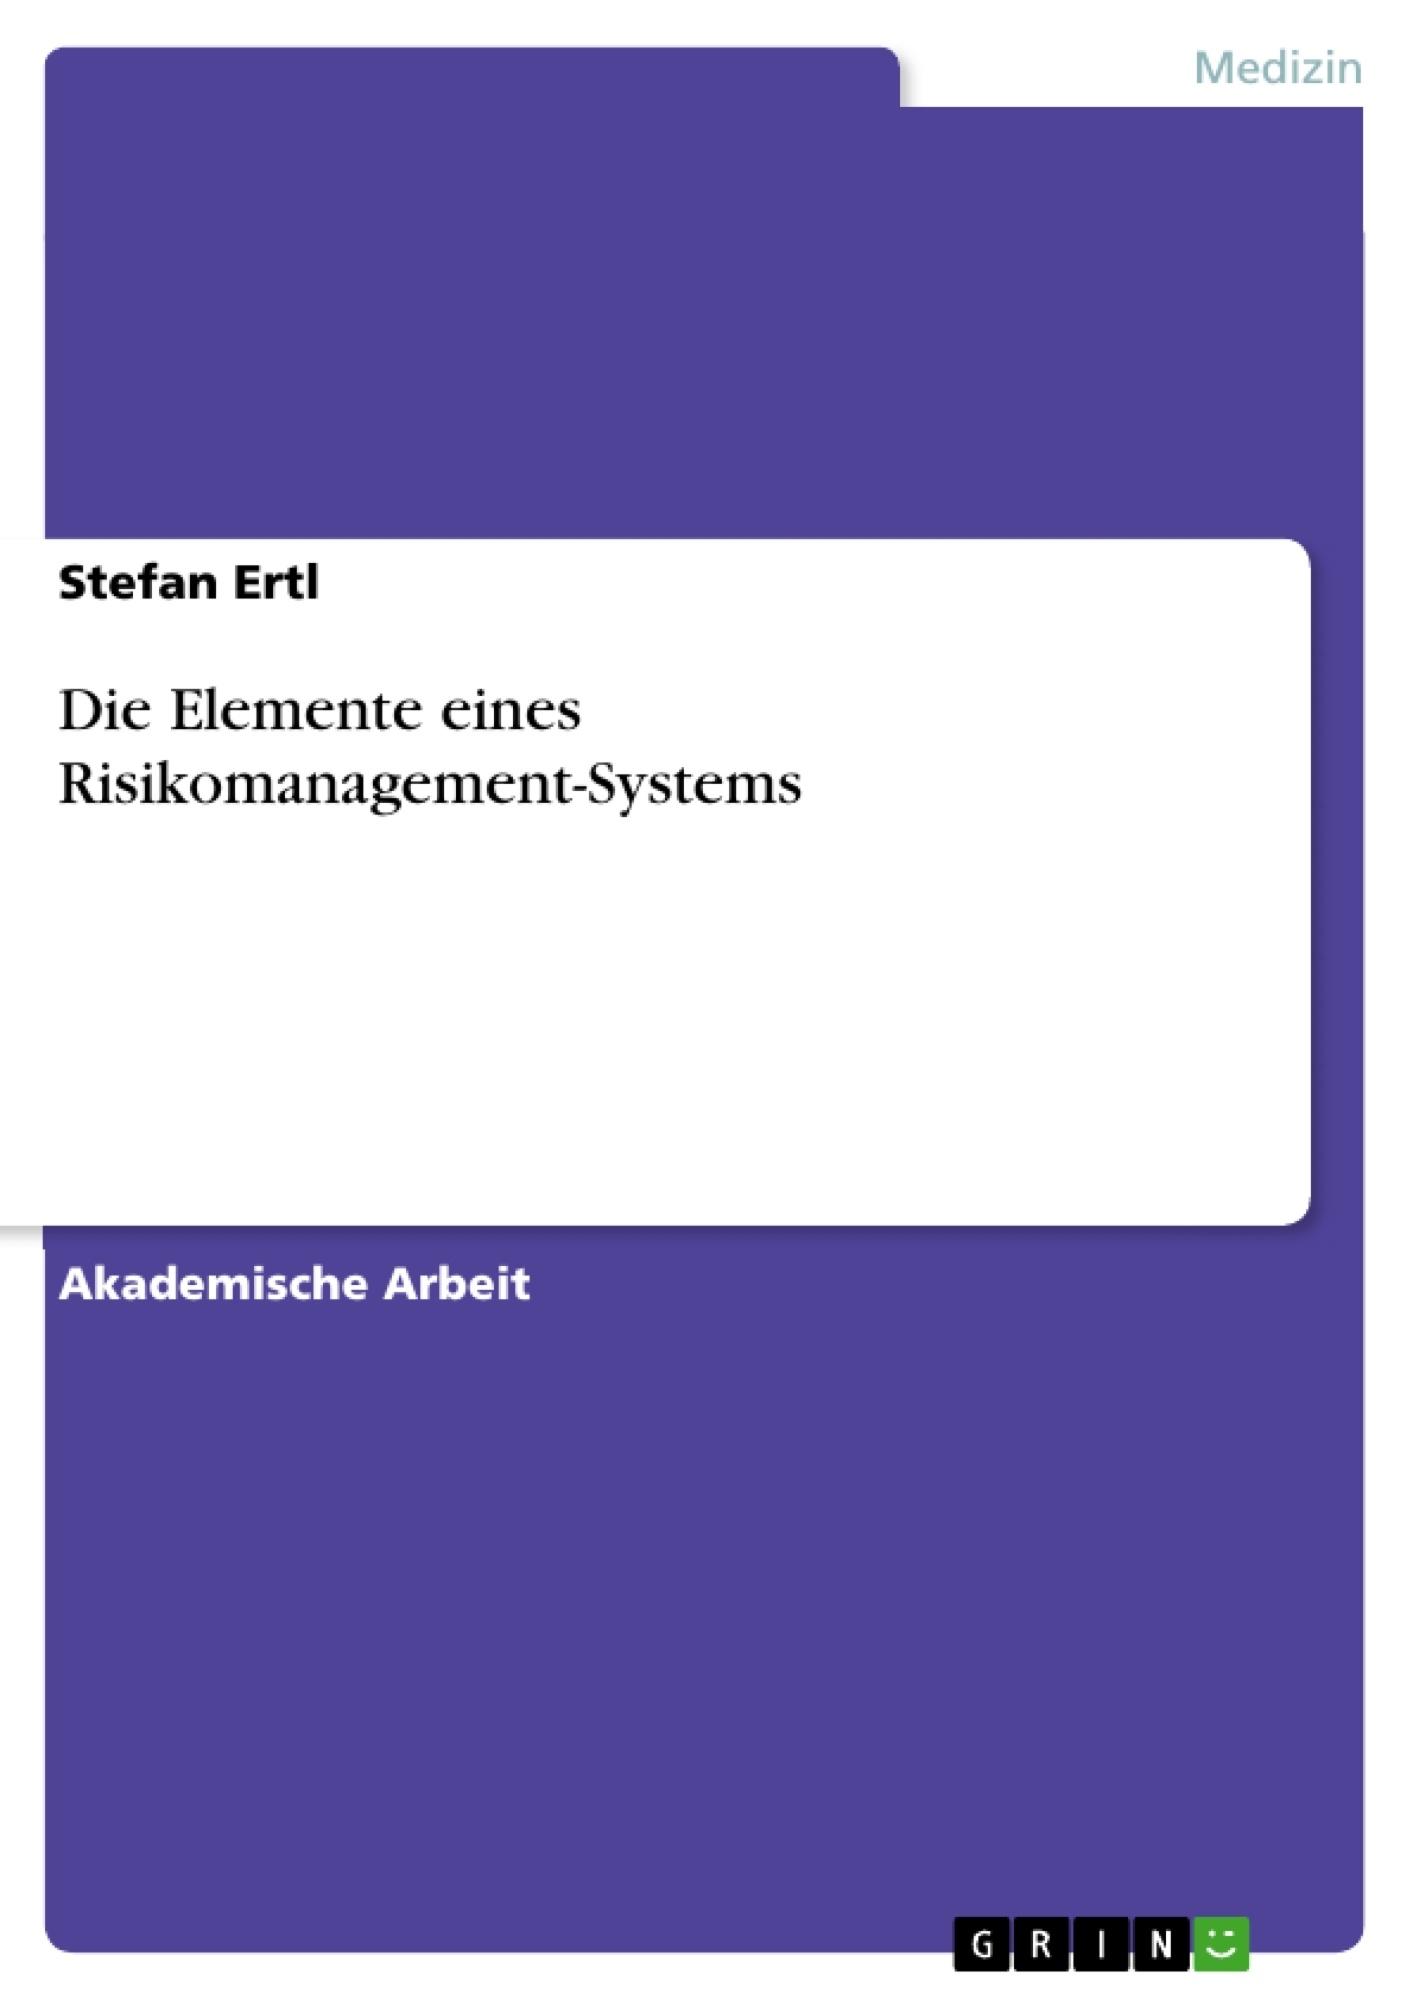 Titel: Die Elemente eines Risikomanagement-Systems